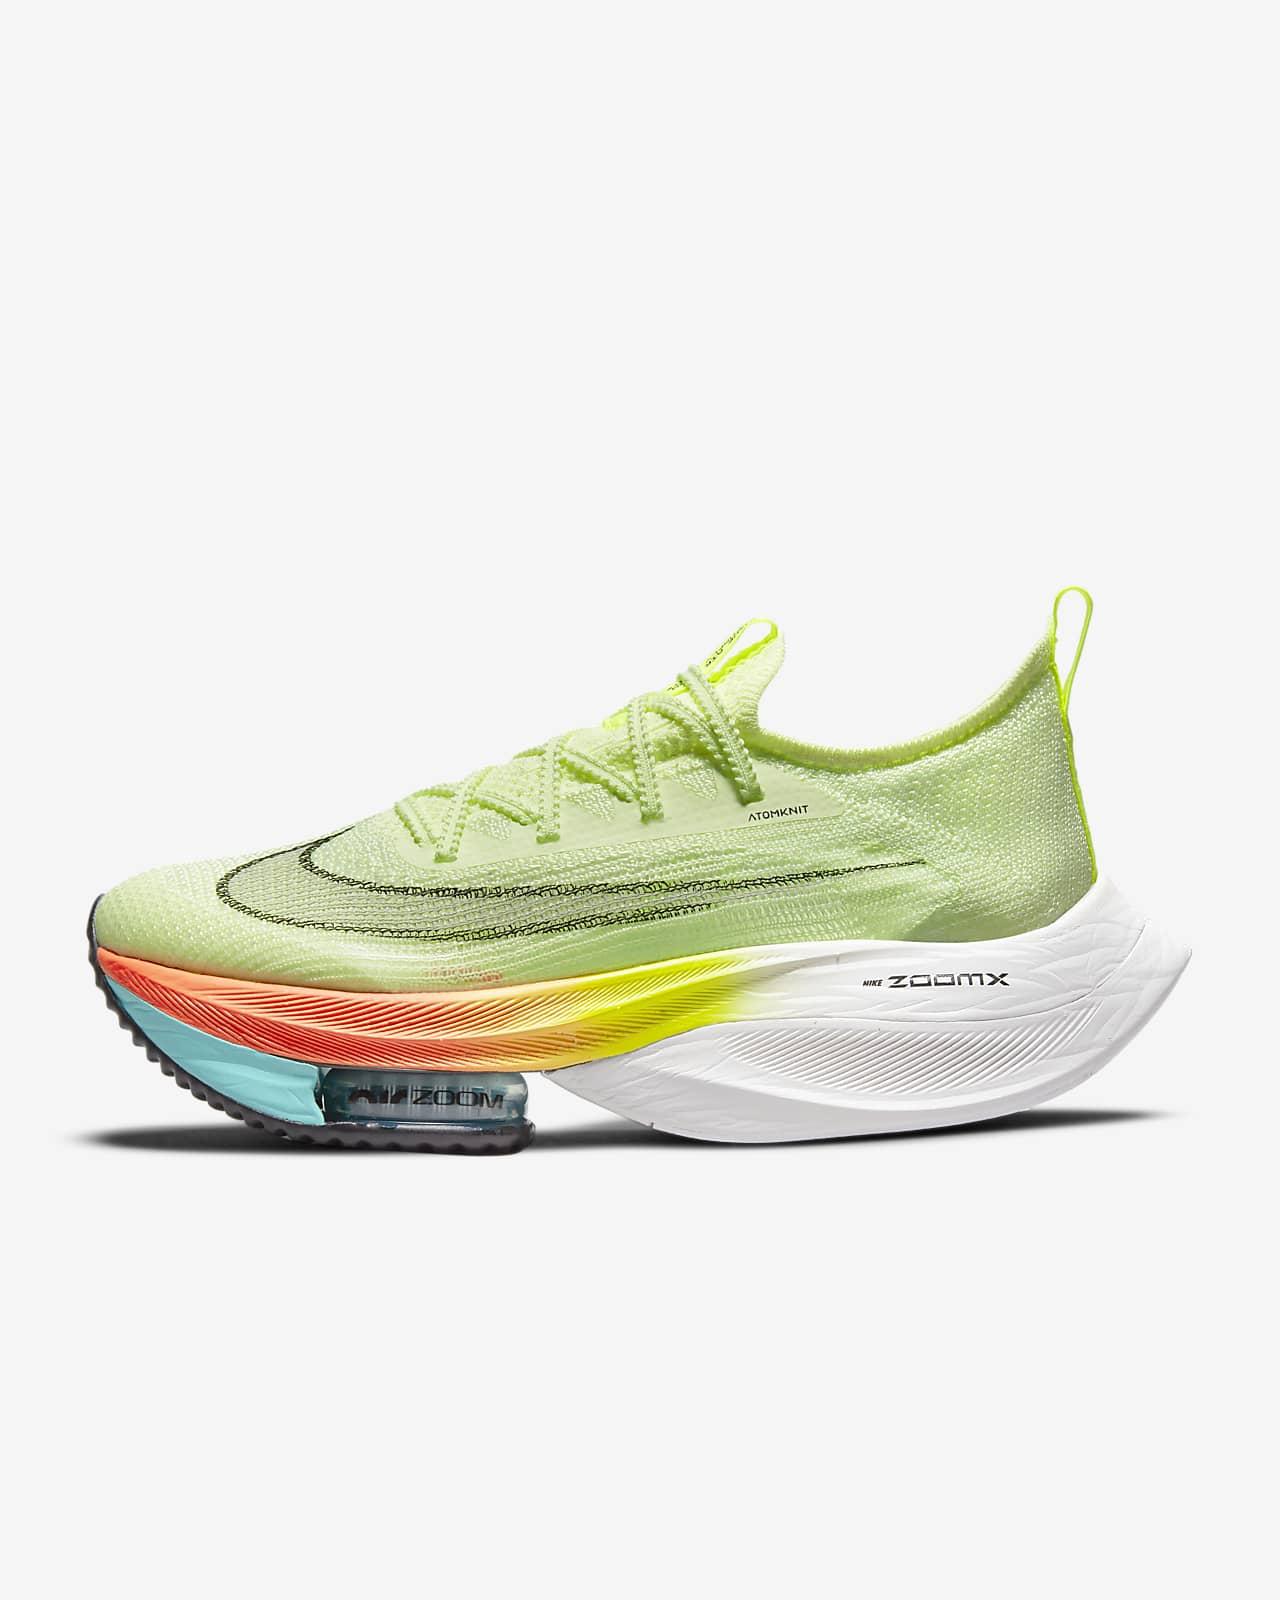 Γυναικείο παπούτσι αγώνων Nike Air Zoom Alphafly NEXT%